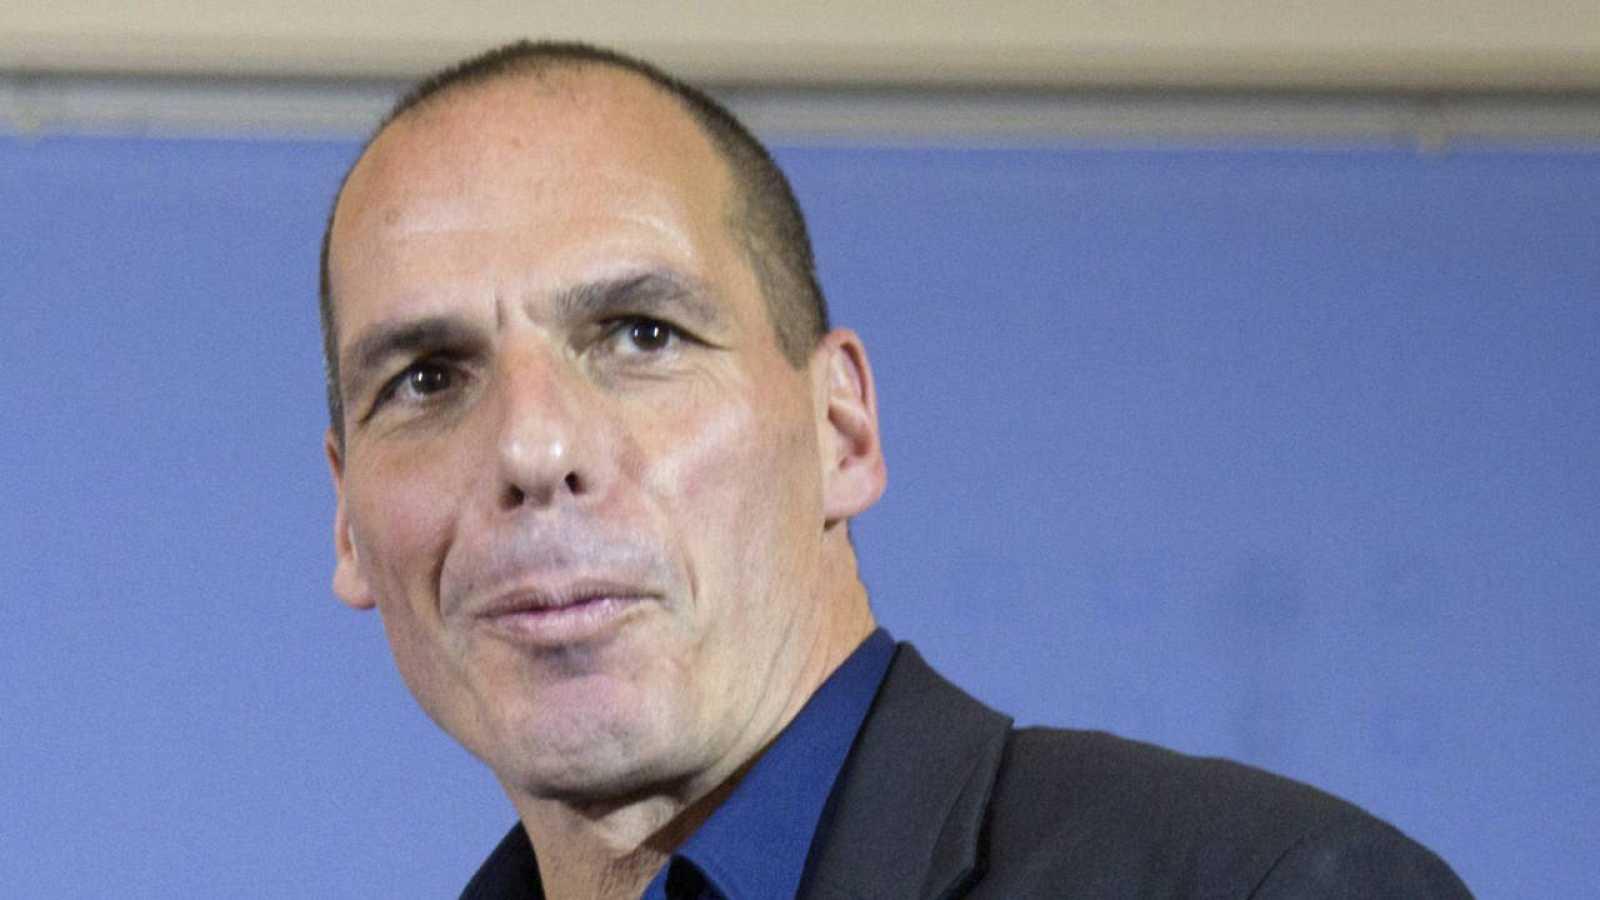 Yanis Varoufakis a la salida de una rueda de prensa en Berlín (Archivo)